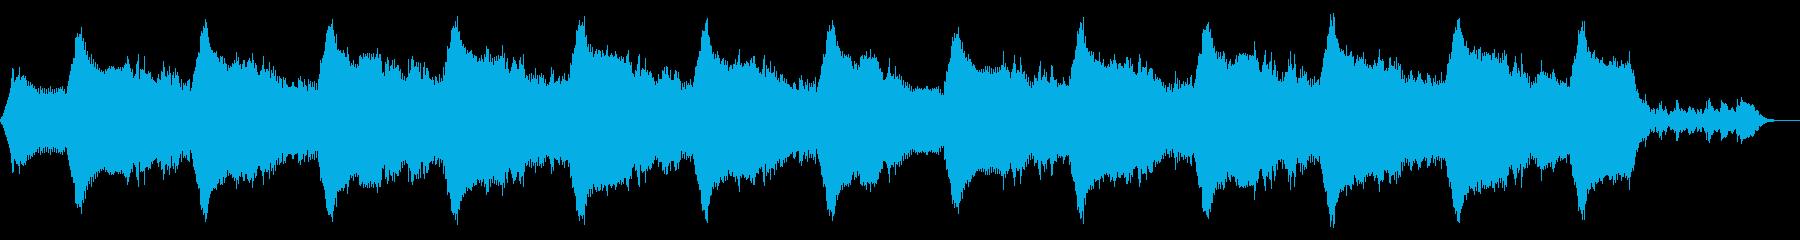 神秘的な遺跡をイメージしたサウンドの再生済みの波形